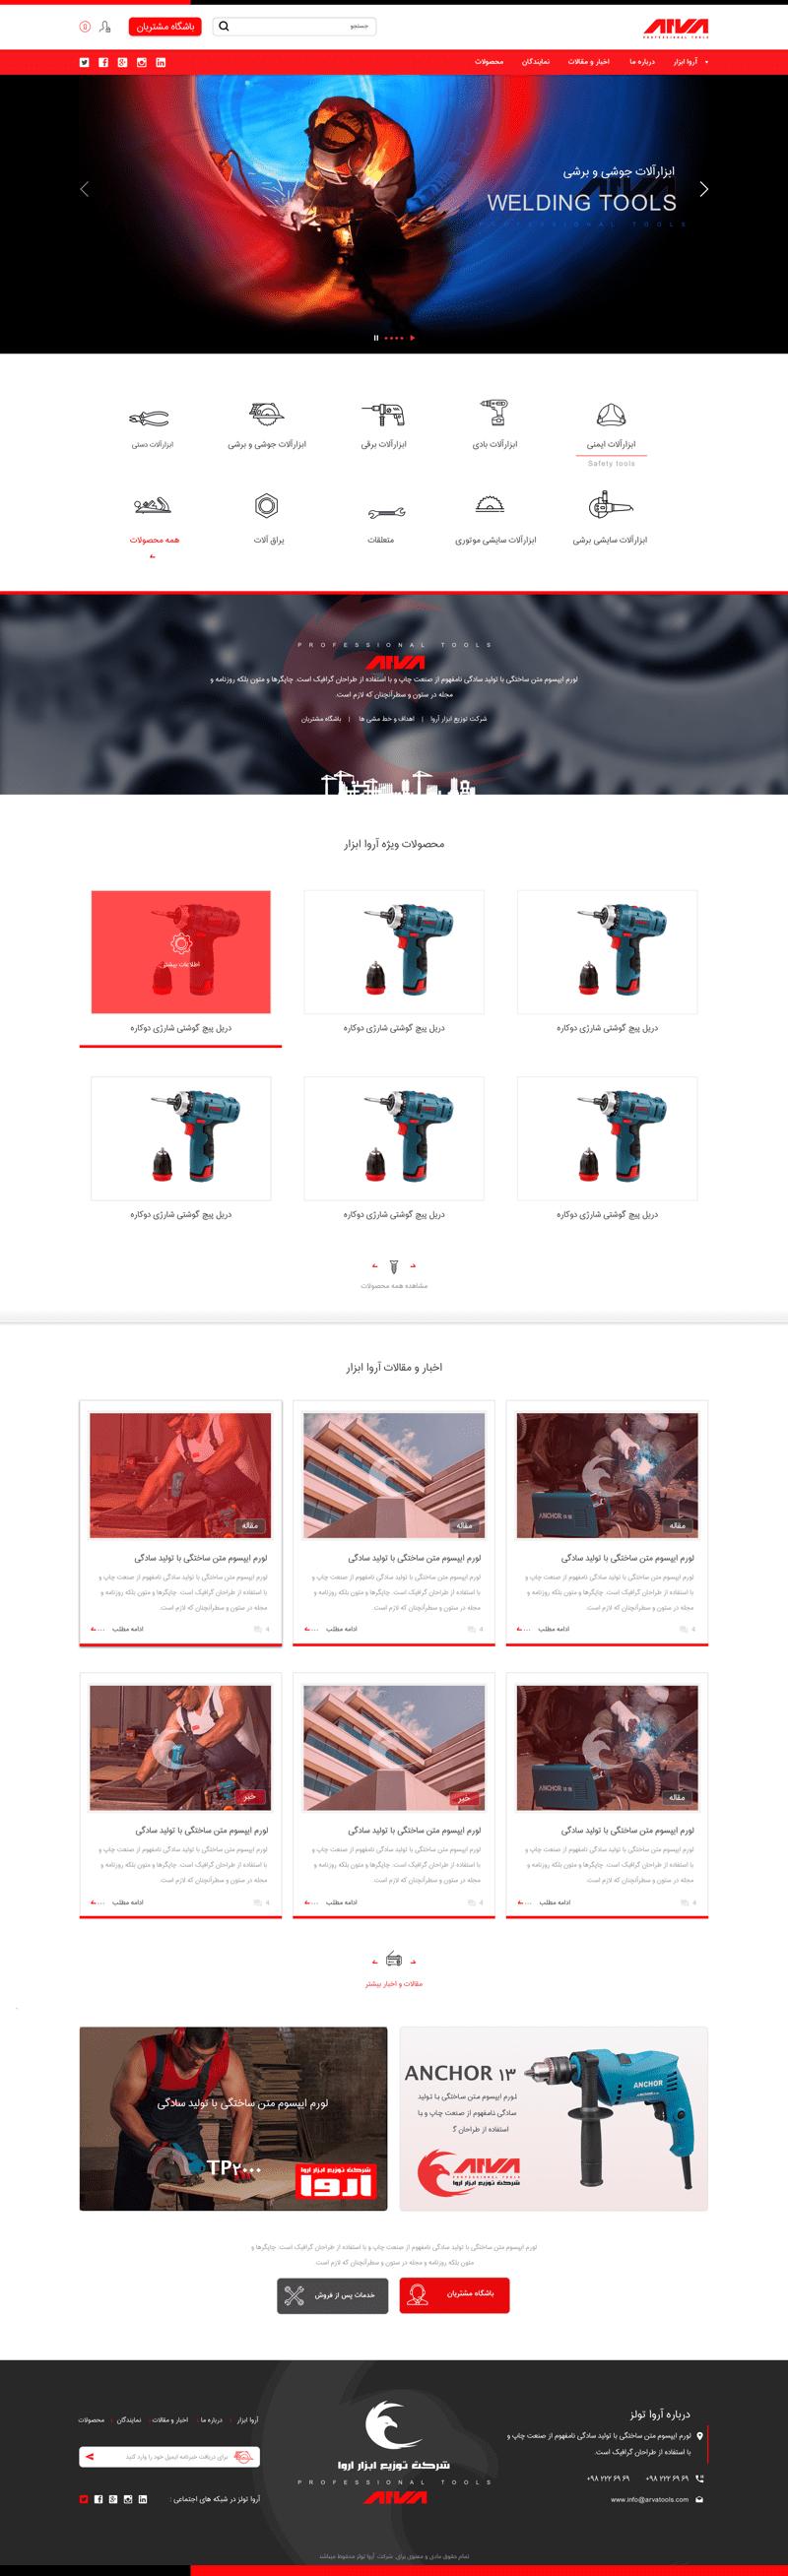 طراحی فروشگاه اینترنتی ابزارآلات